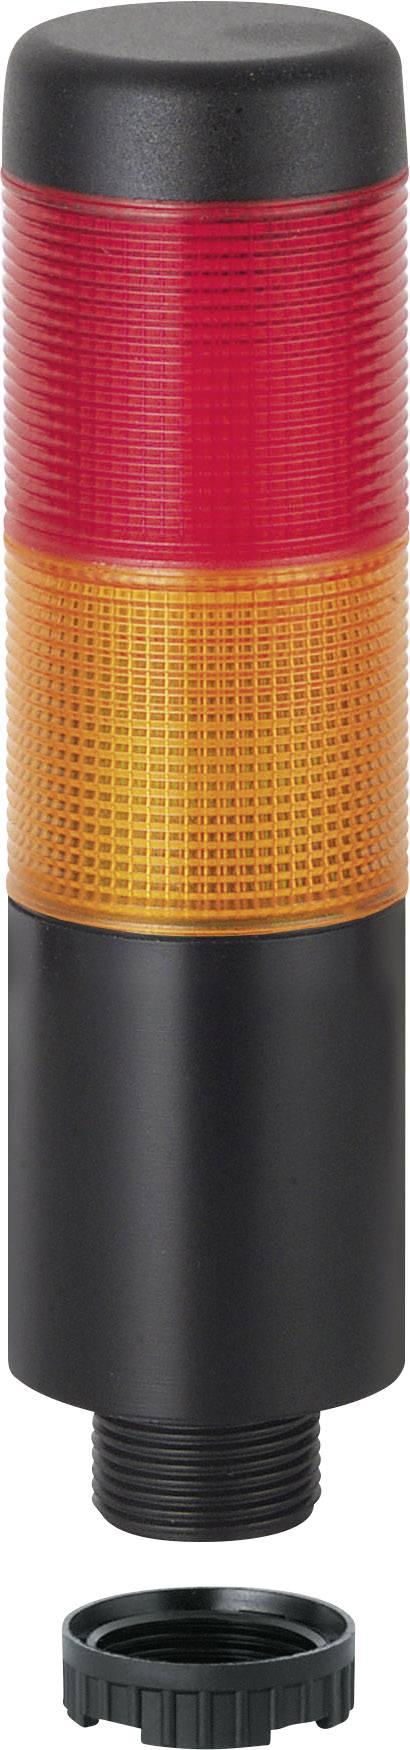 Signální sloupek LED Werma Signaltechnik WERMA KombiSign 71 trvalé světlo žlutá, červená, 24 V/AC, 24 V/DC